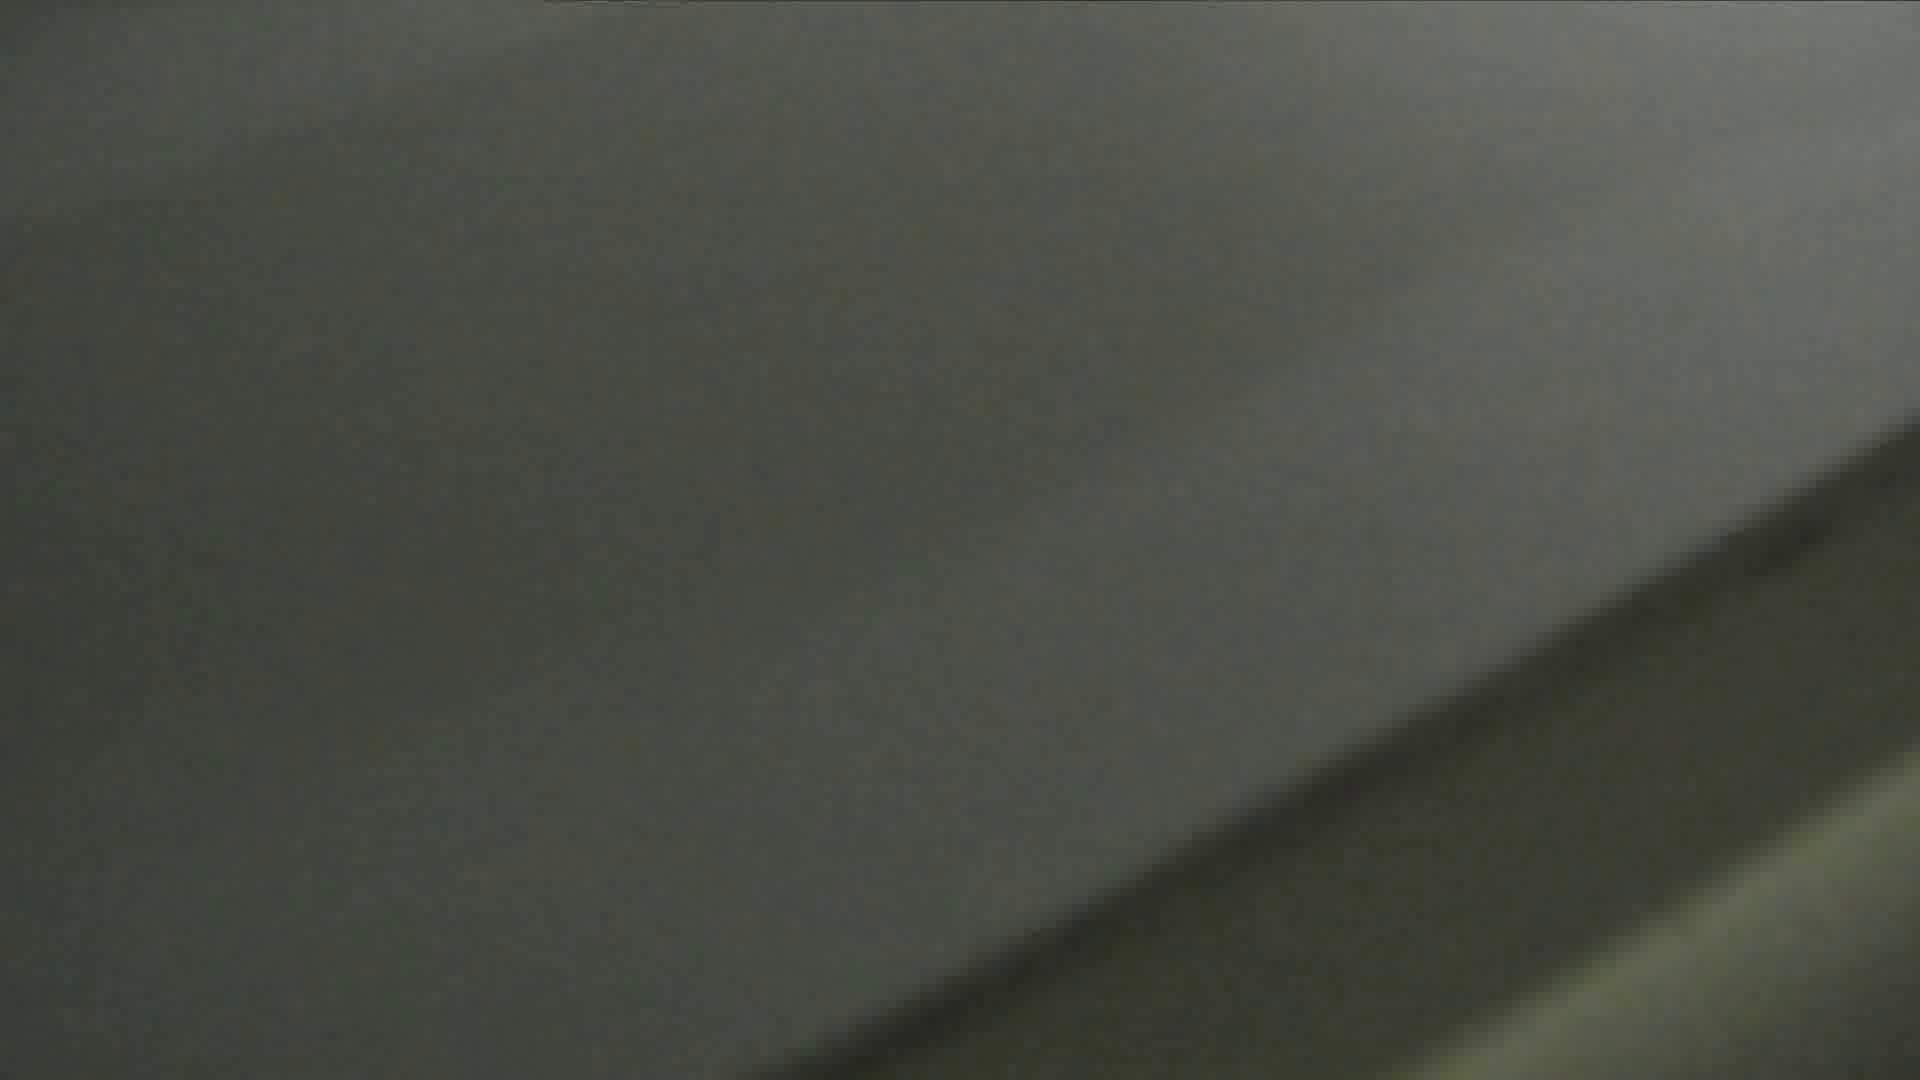 vol.02 着替えシーンもありマス 潜入 オマンコ無修正動画無料 104枚 103